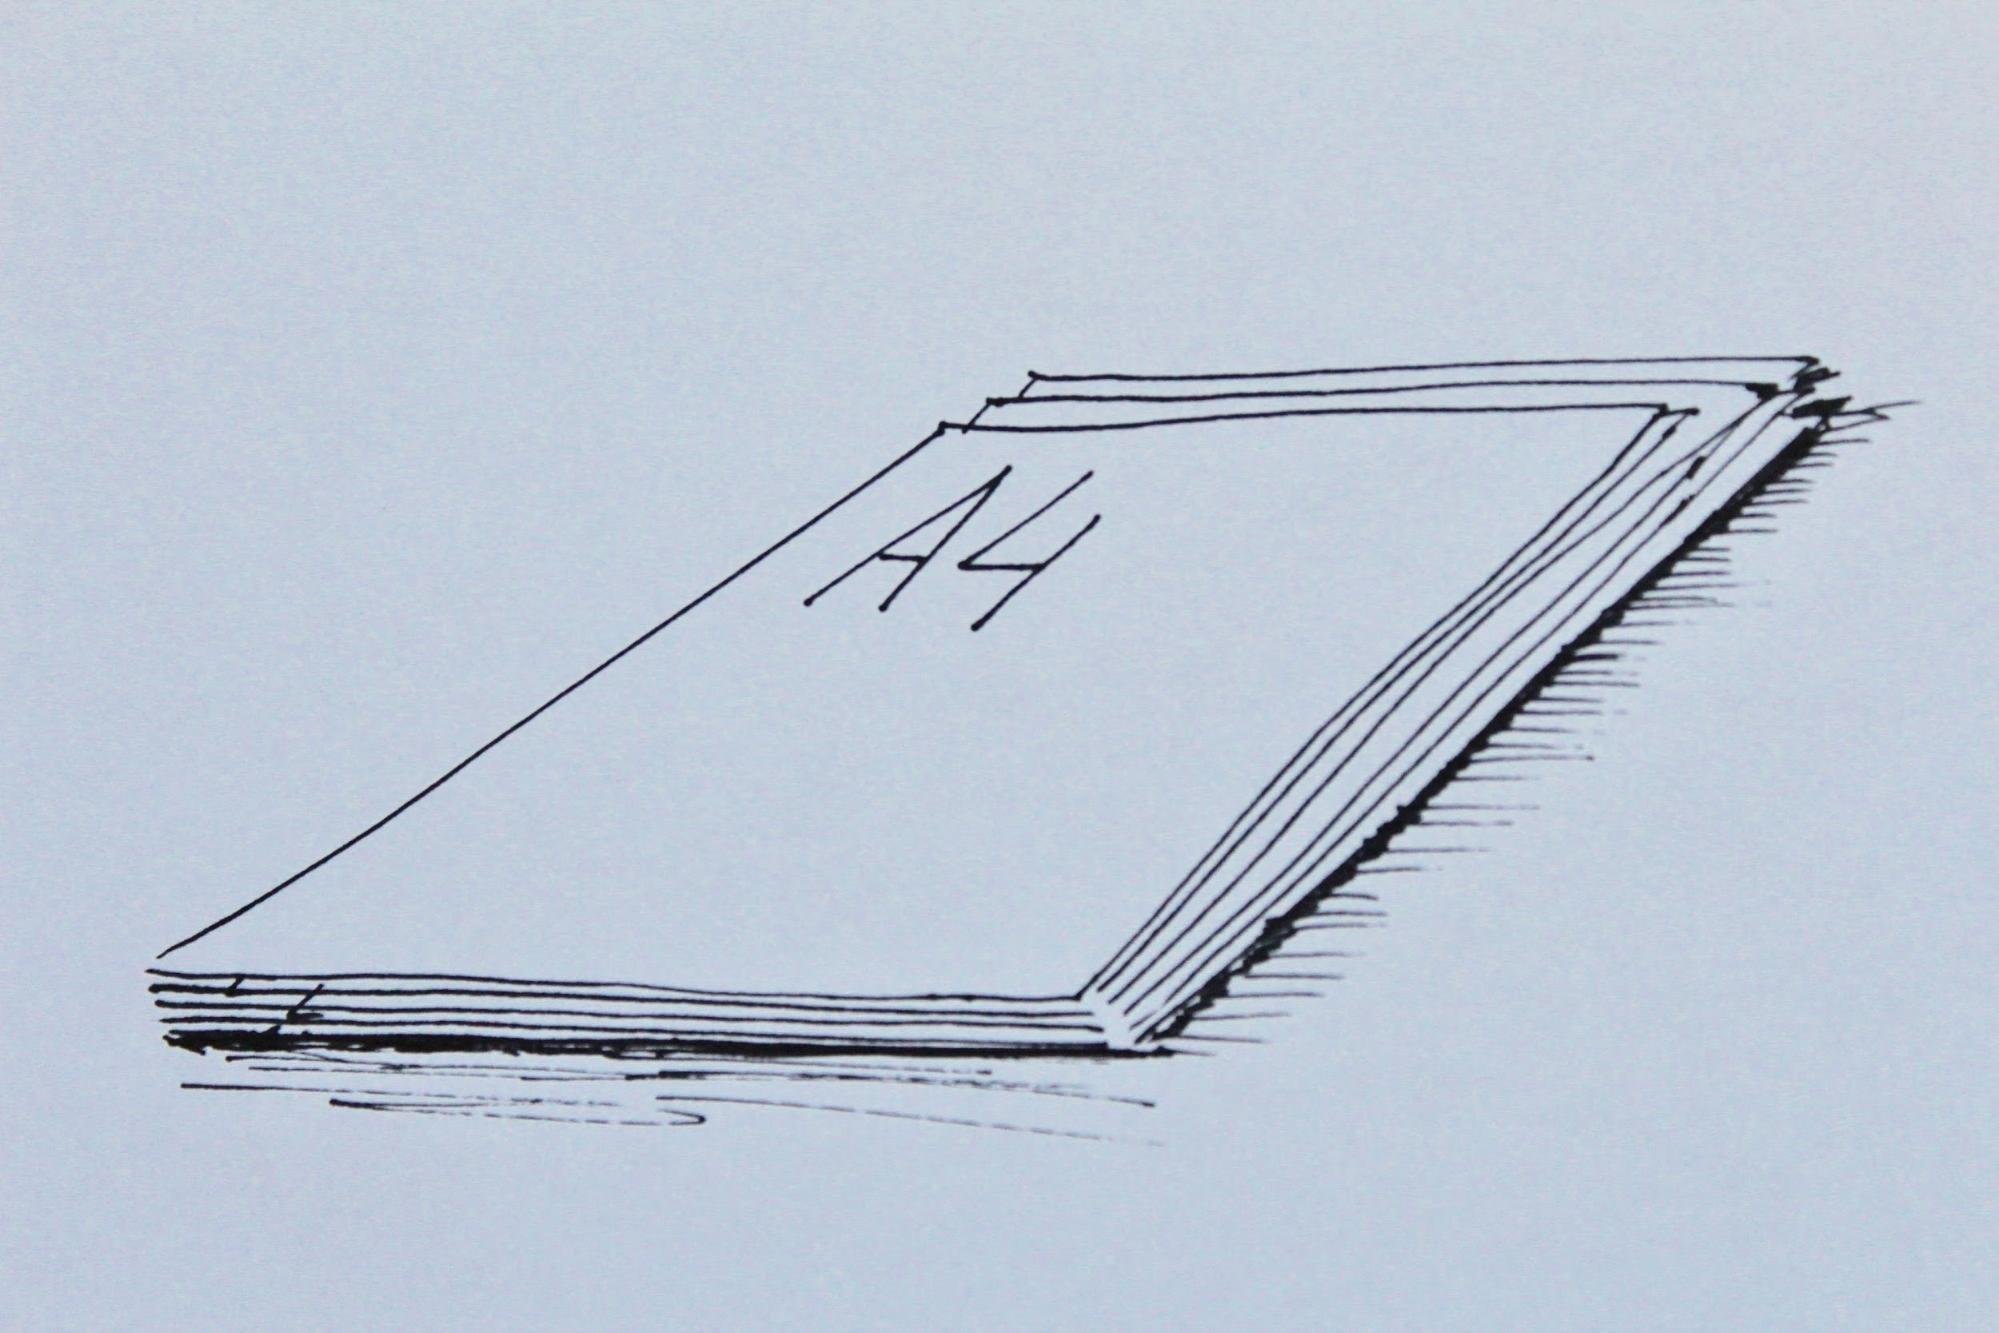 Скетчинг: как нарисовать сайт на бумаге